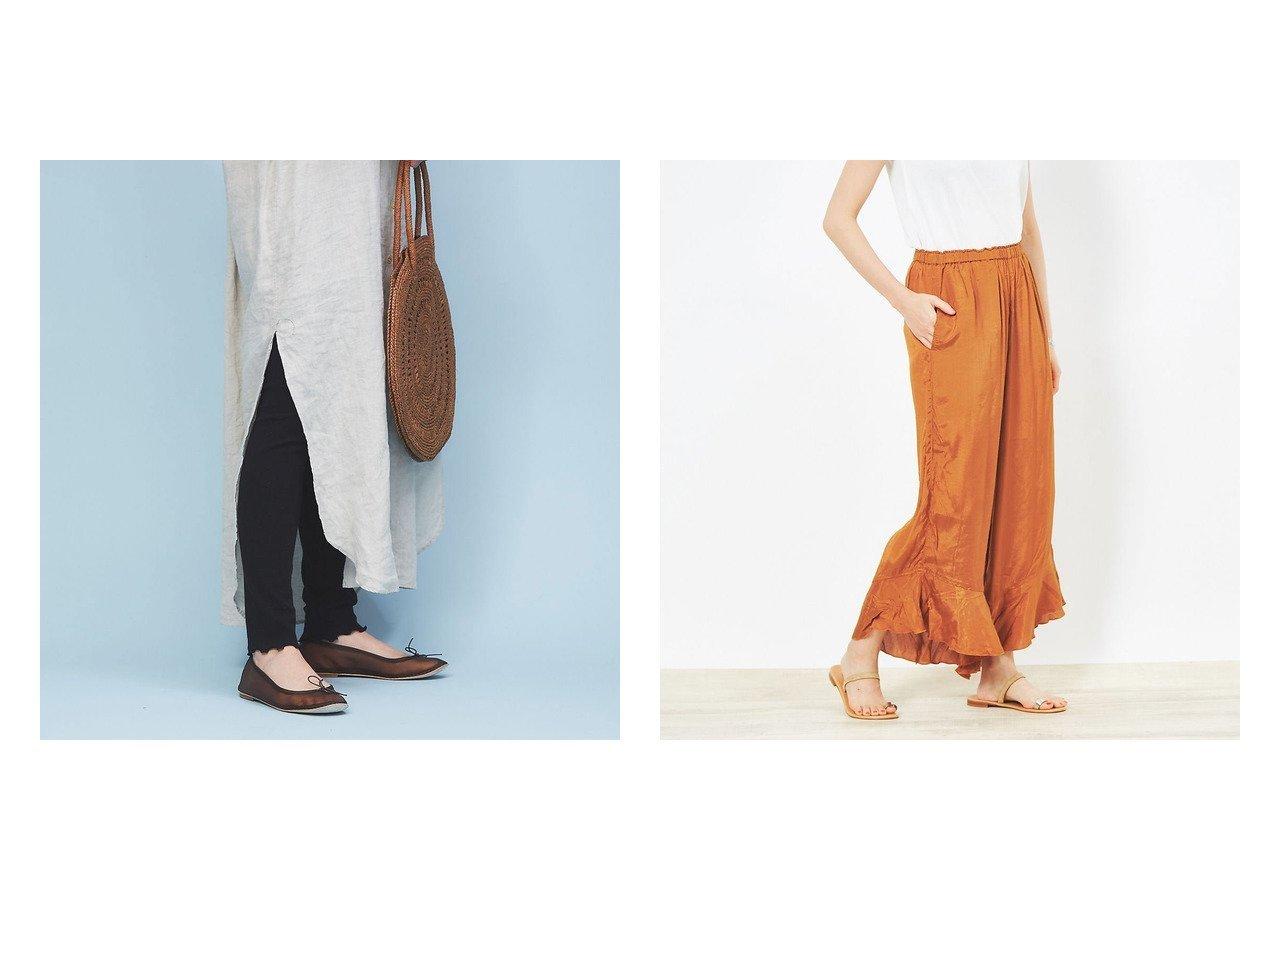 【Rouge vif la cle/ルージュヴィフラクレ】の【NeQuittez pas】フリルパンツ&メロウリブレギンス パンツのおすすめ!人気、トレンド・レディースファッションの通販 おすすめで人気の流行・トレンド、ファッションの通販商品 メンズファッション・キッズファッション・インテリア・家具・レディースファッション・服の通販 founy(ファニー) https://founy.com/ ファッション Fashion レディースファッション WOMEN パンツ Pants レギンス Leggings S/S 春夏 SS Spring/Summer フェミニン レギンス 人気 今季 春 Spring |ID:crp329100000016074